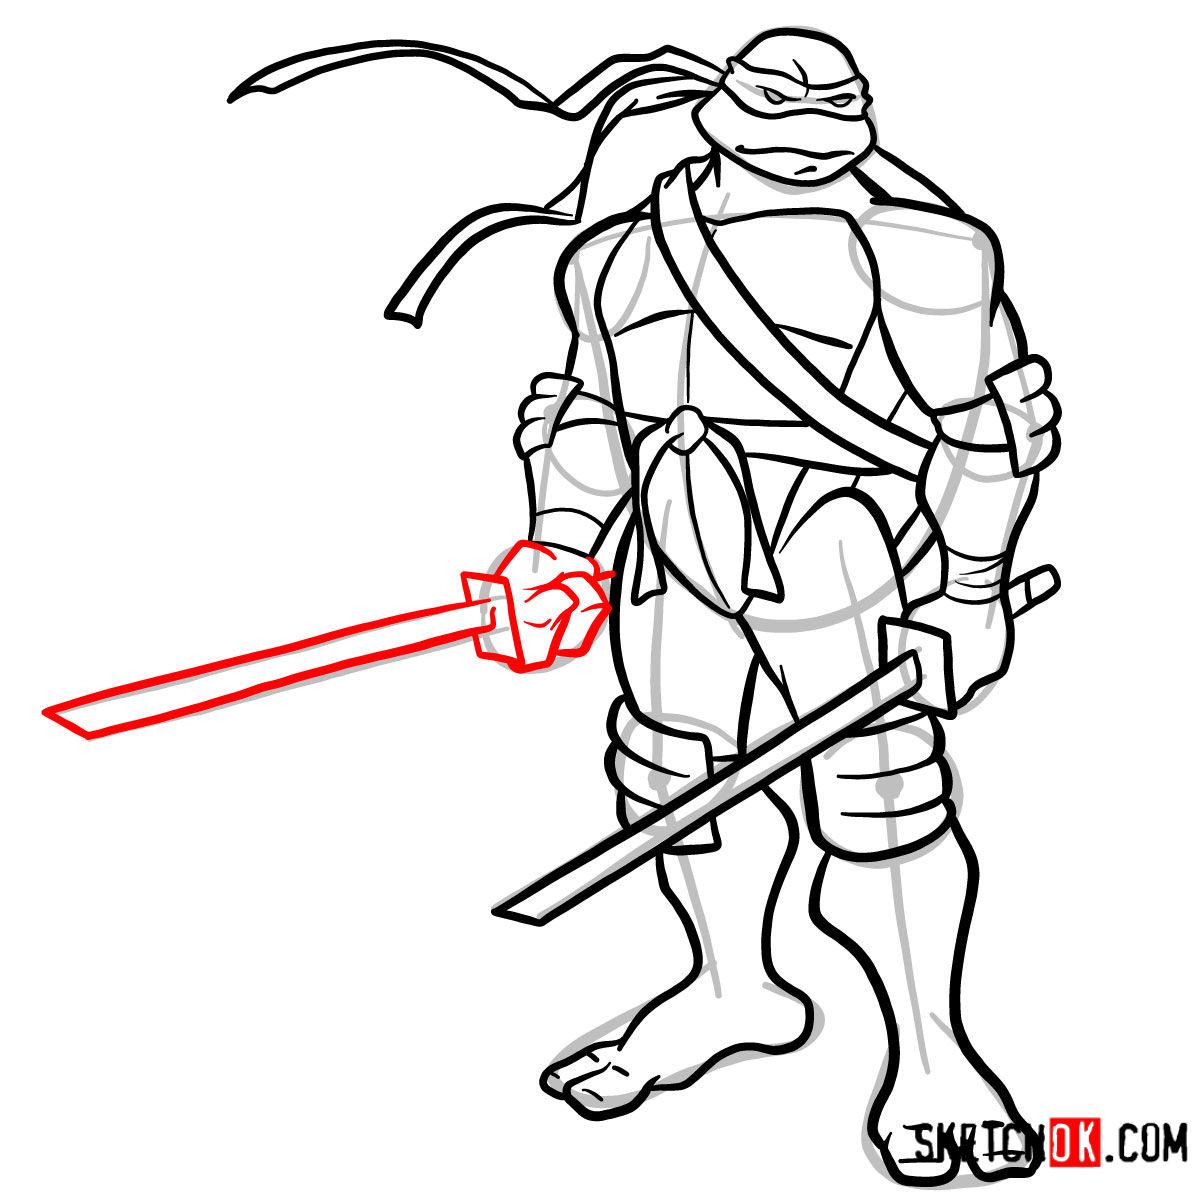 How to draw Leonardo with Ninjatos | TMNT - step 14